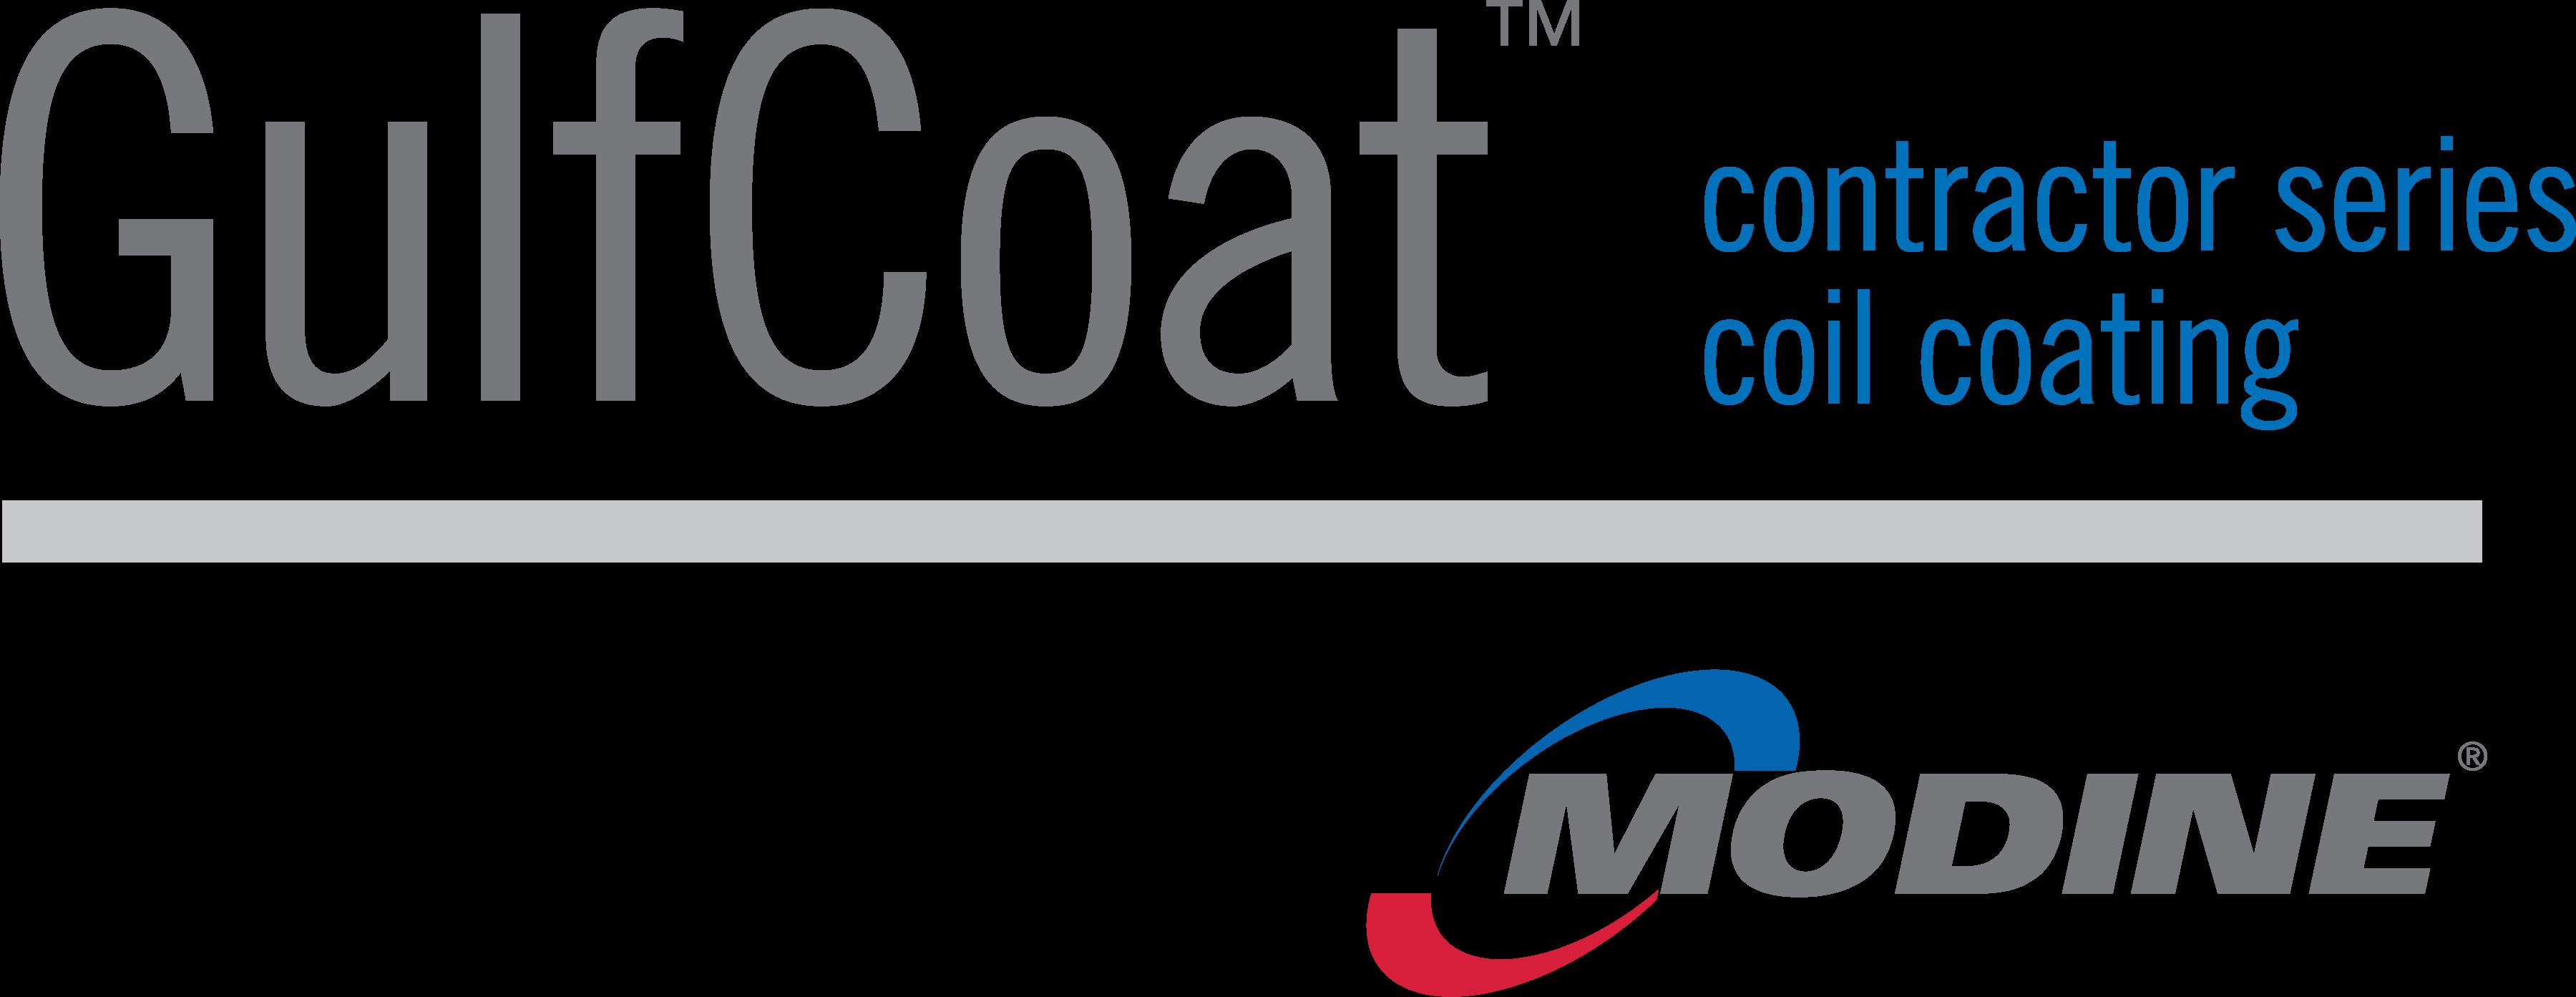 Modine Gulfcoat